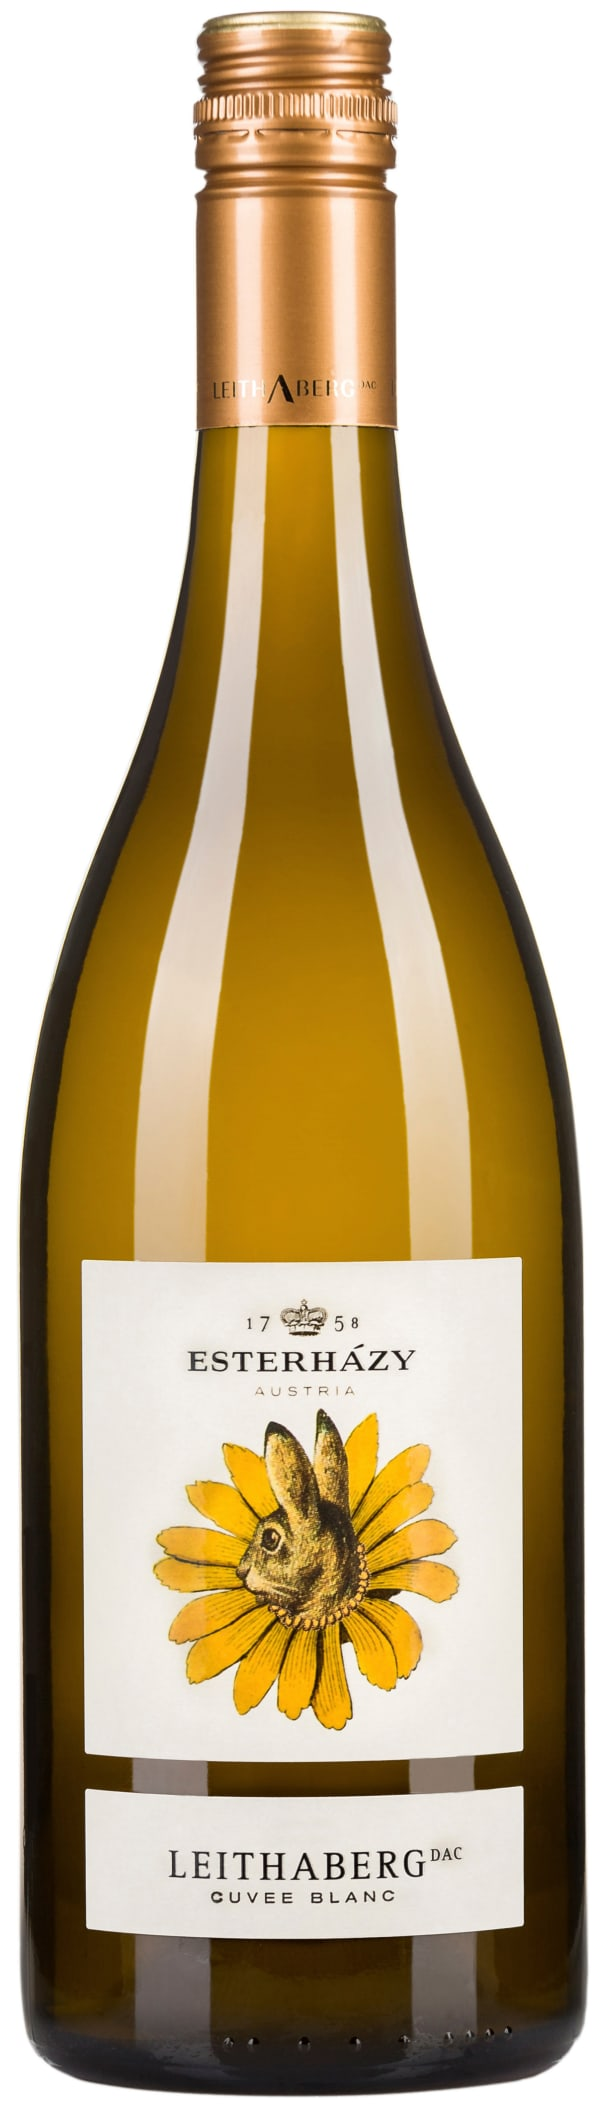 Esterházy Chardonnay 2017